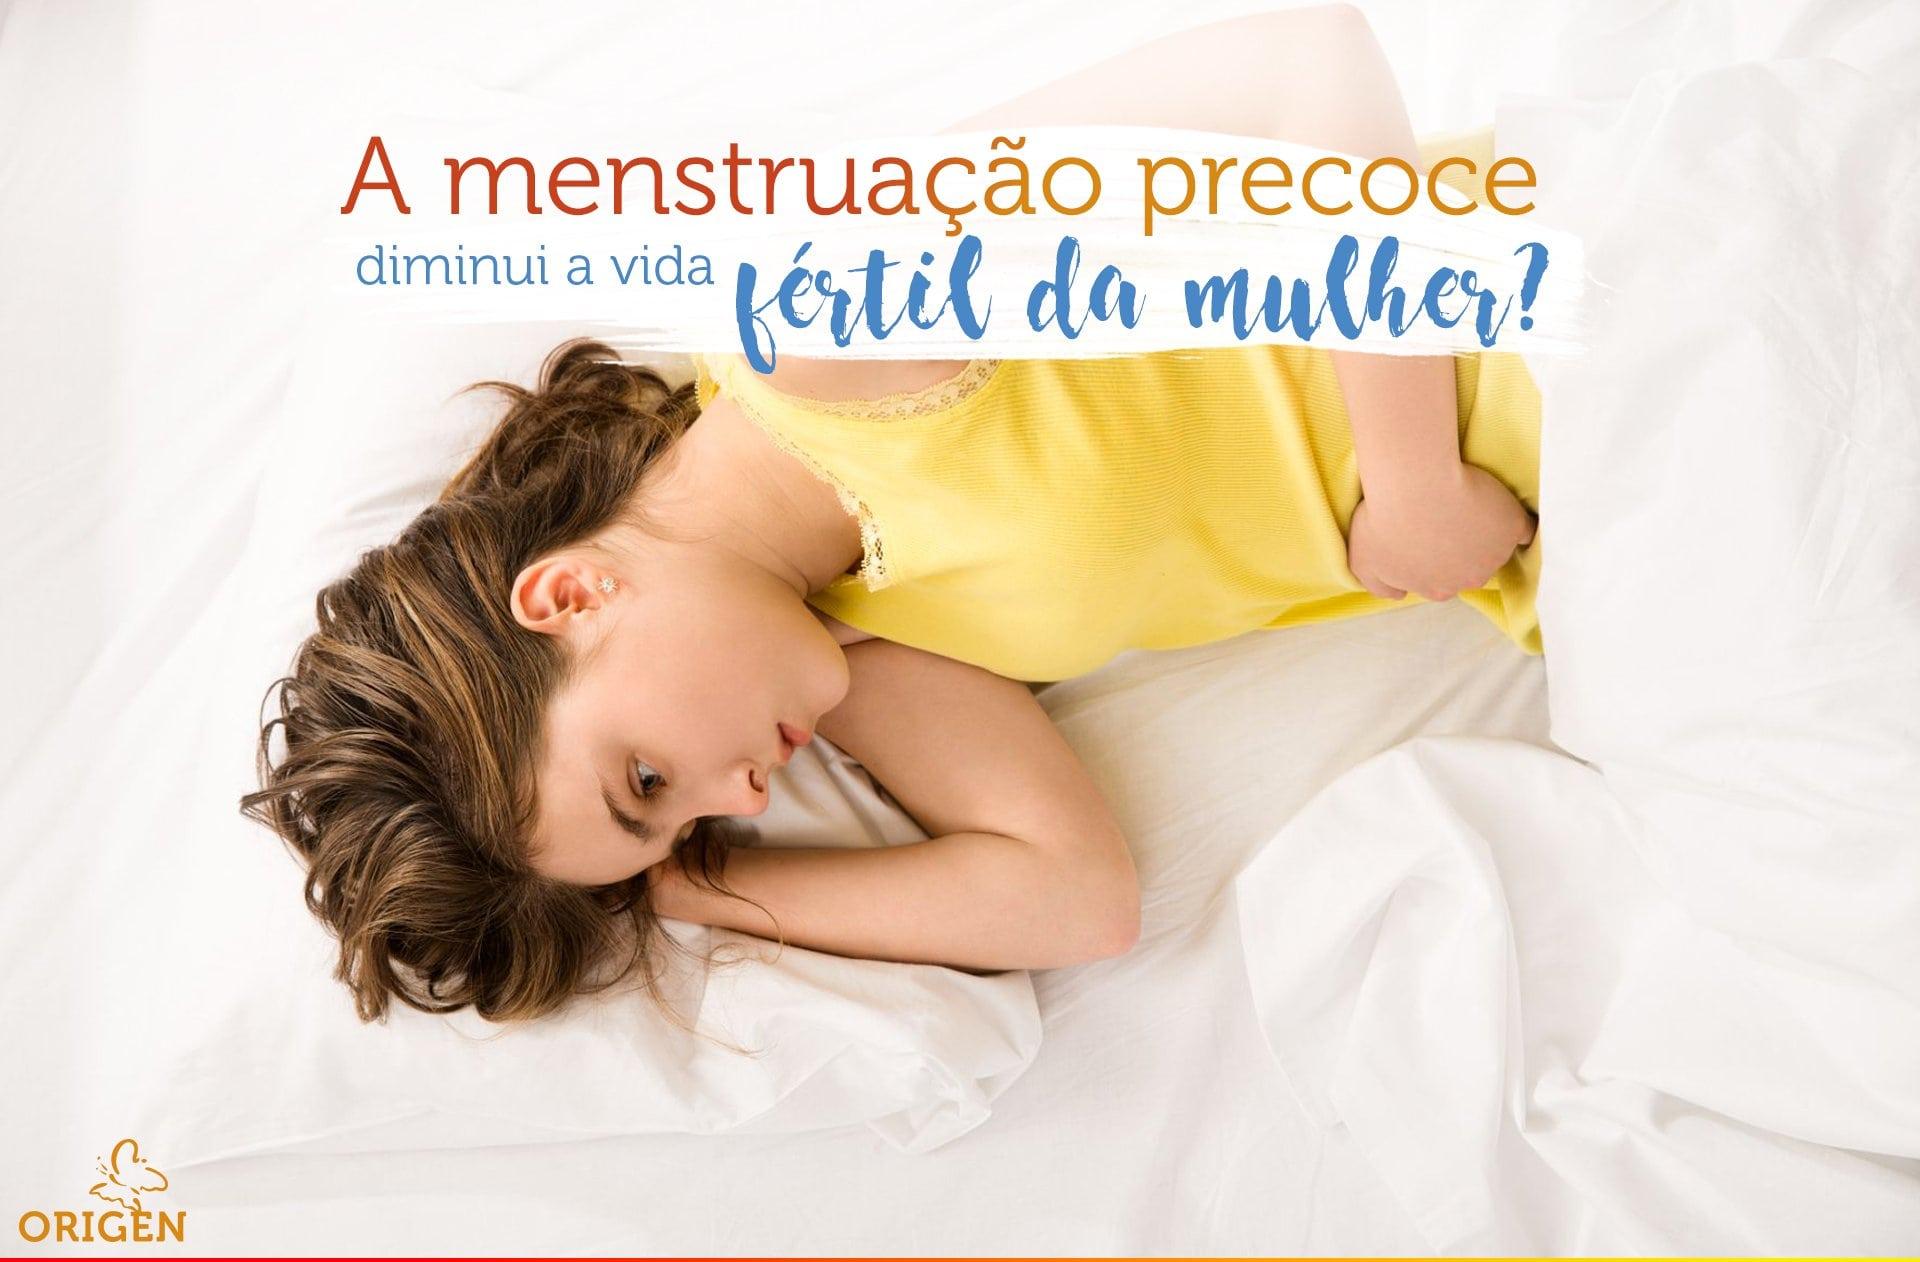 A menstruação precoce diminui a vida fértil da mulher?